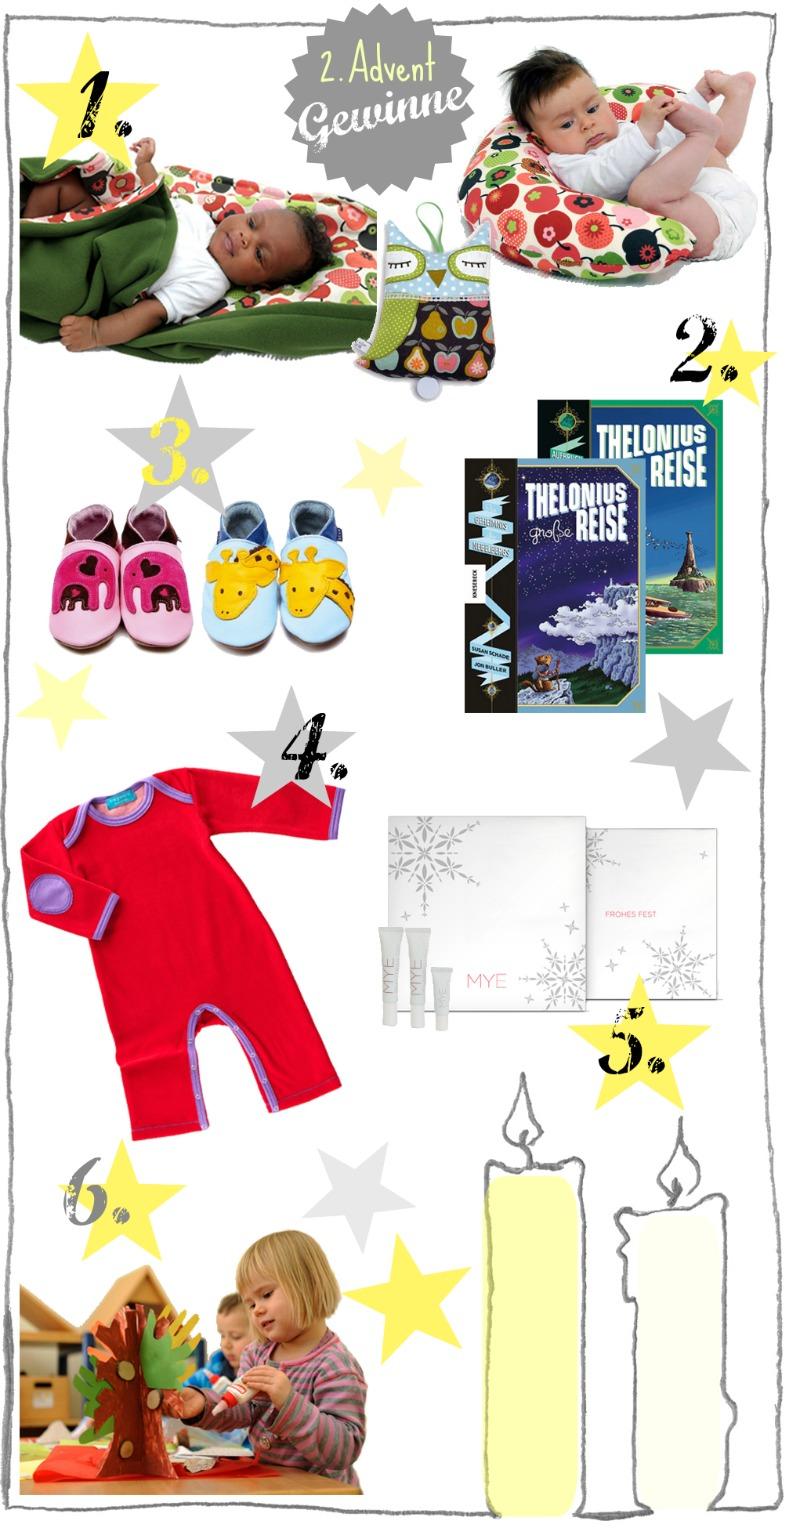 kleinstyles adventszeit 2012 gewinne 2. advent